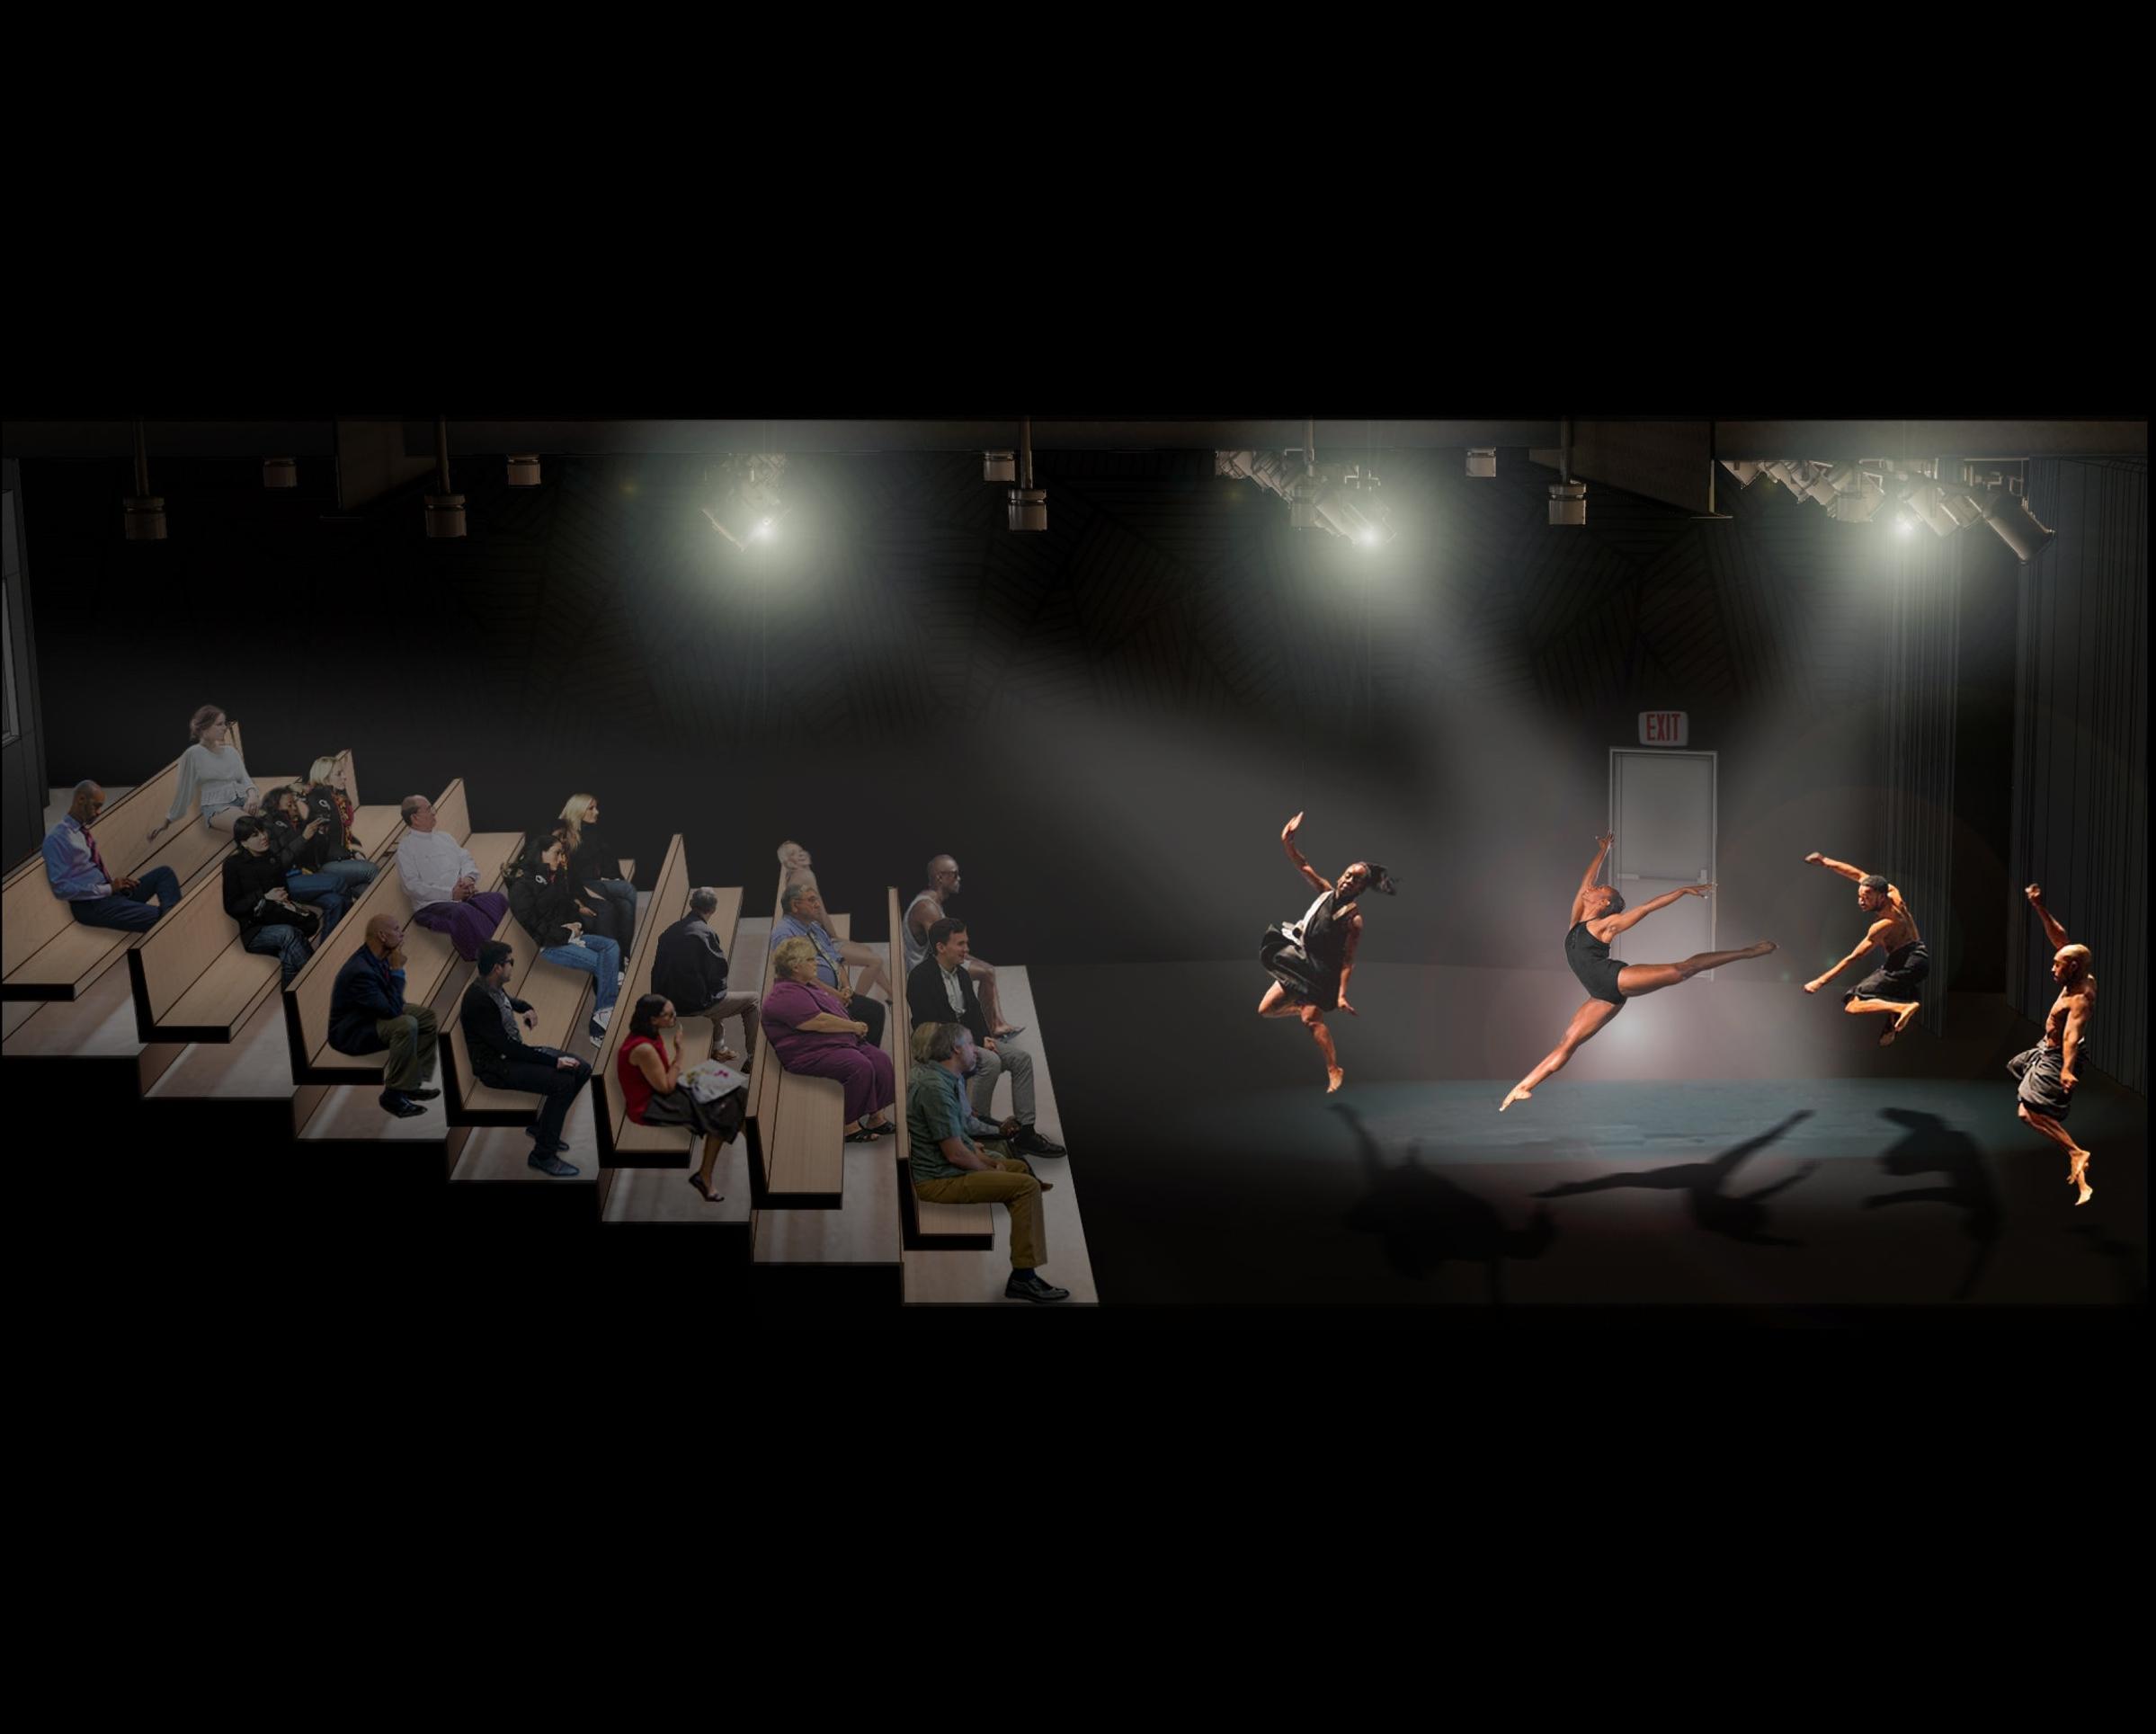 2018-04-11_The Dance Institute of Washington Performance Render V2.jpg